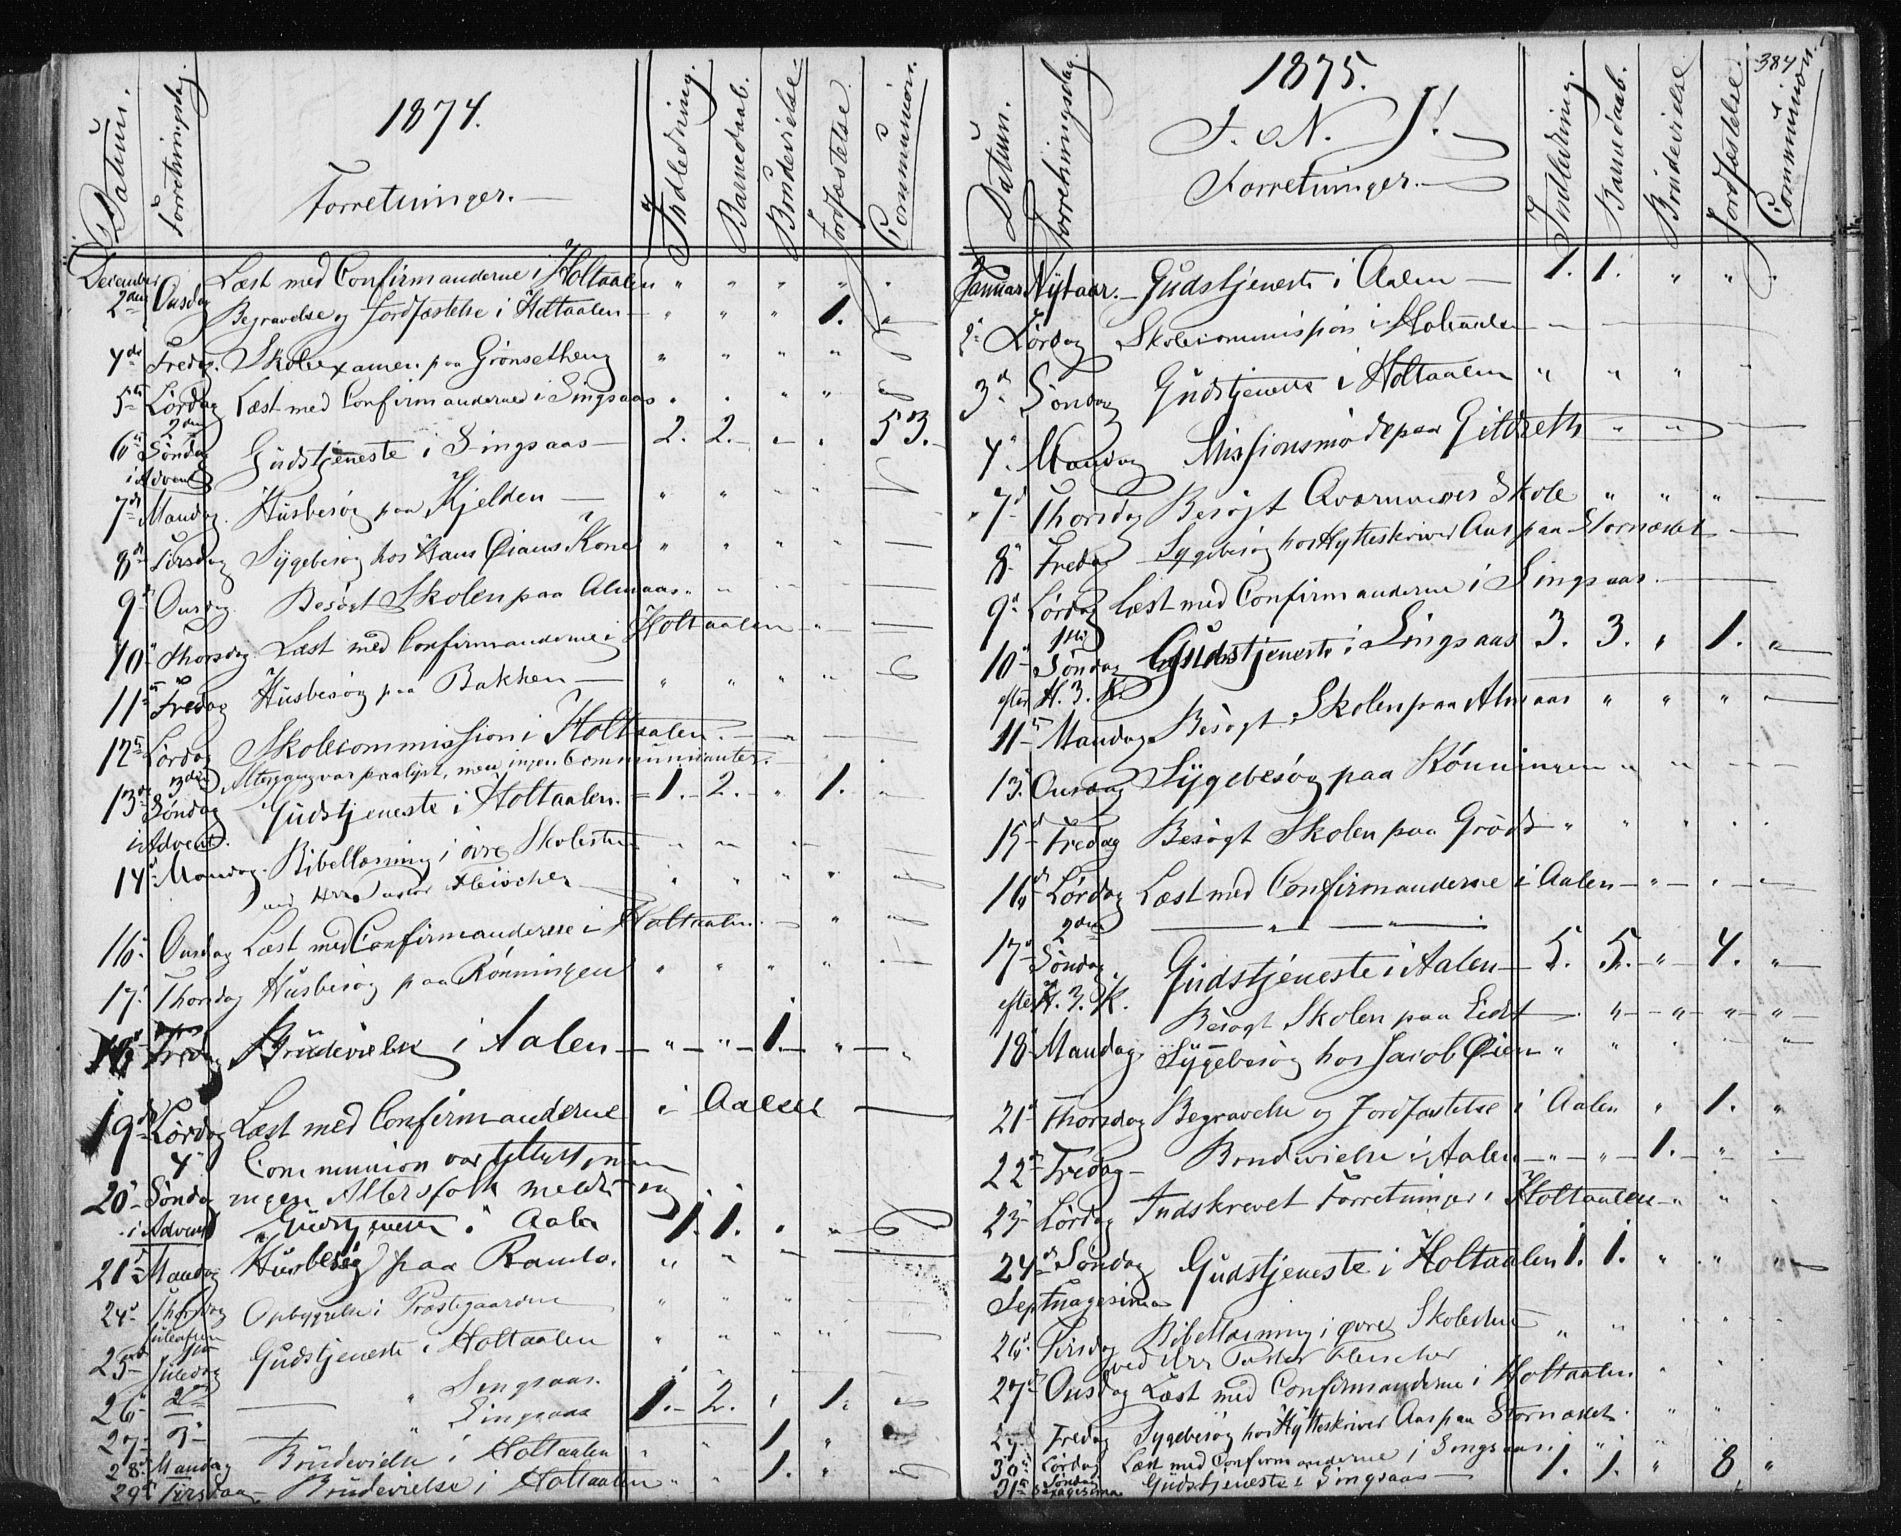 SAT, Ministerialprotokoller, klokkerbøker og fødselsregistre - Sør-Trøndelag, 685/L0969: Ministerialbok nr. 685A08 /1, 1870-1878, s. 384